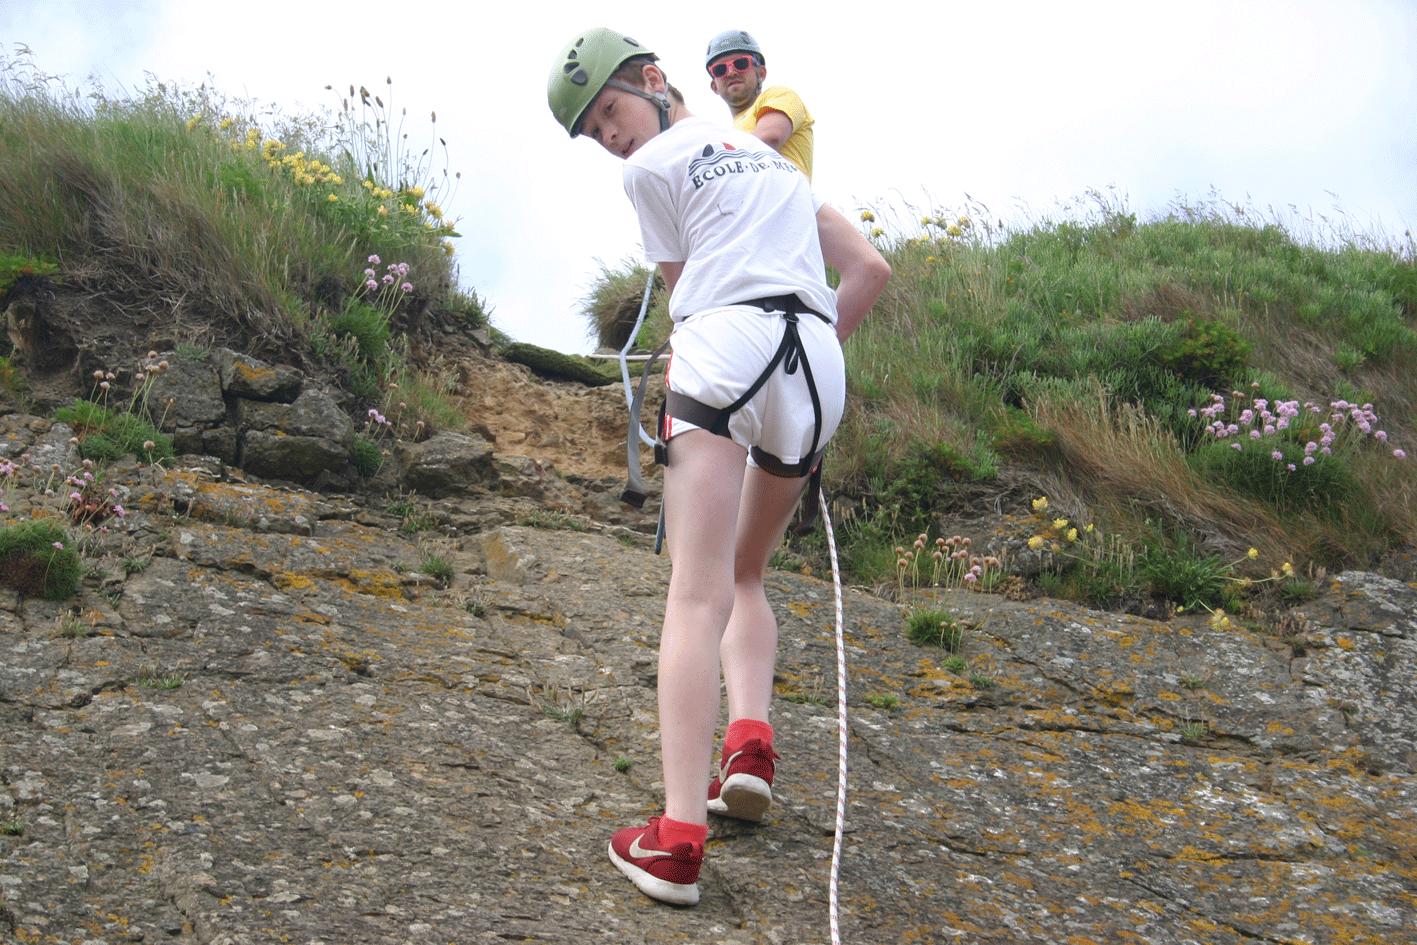 Rock Climbing & Abseiling 2016 Ardmore ireland ecole de mer students 2016 summer